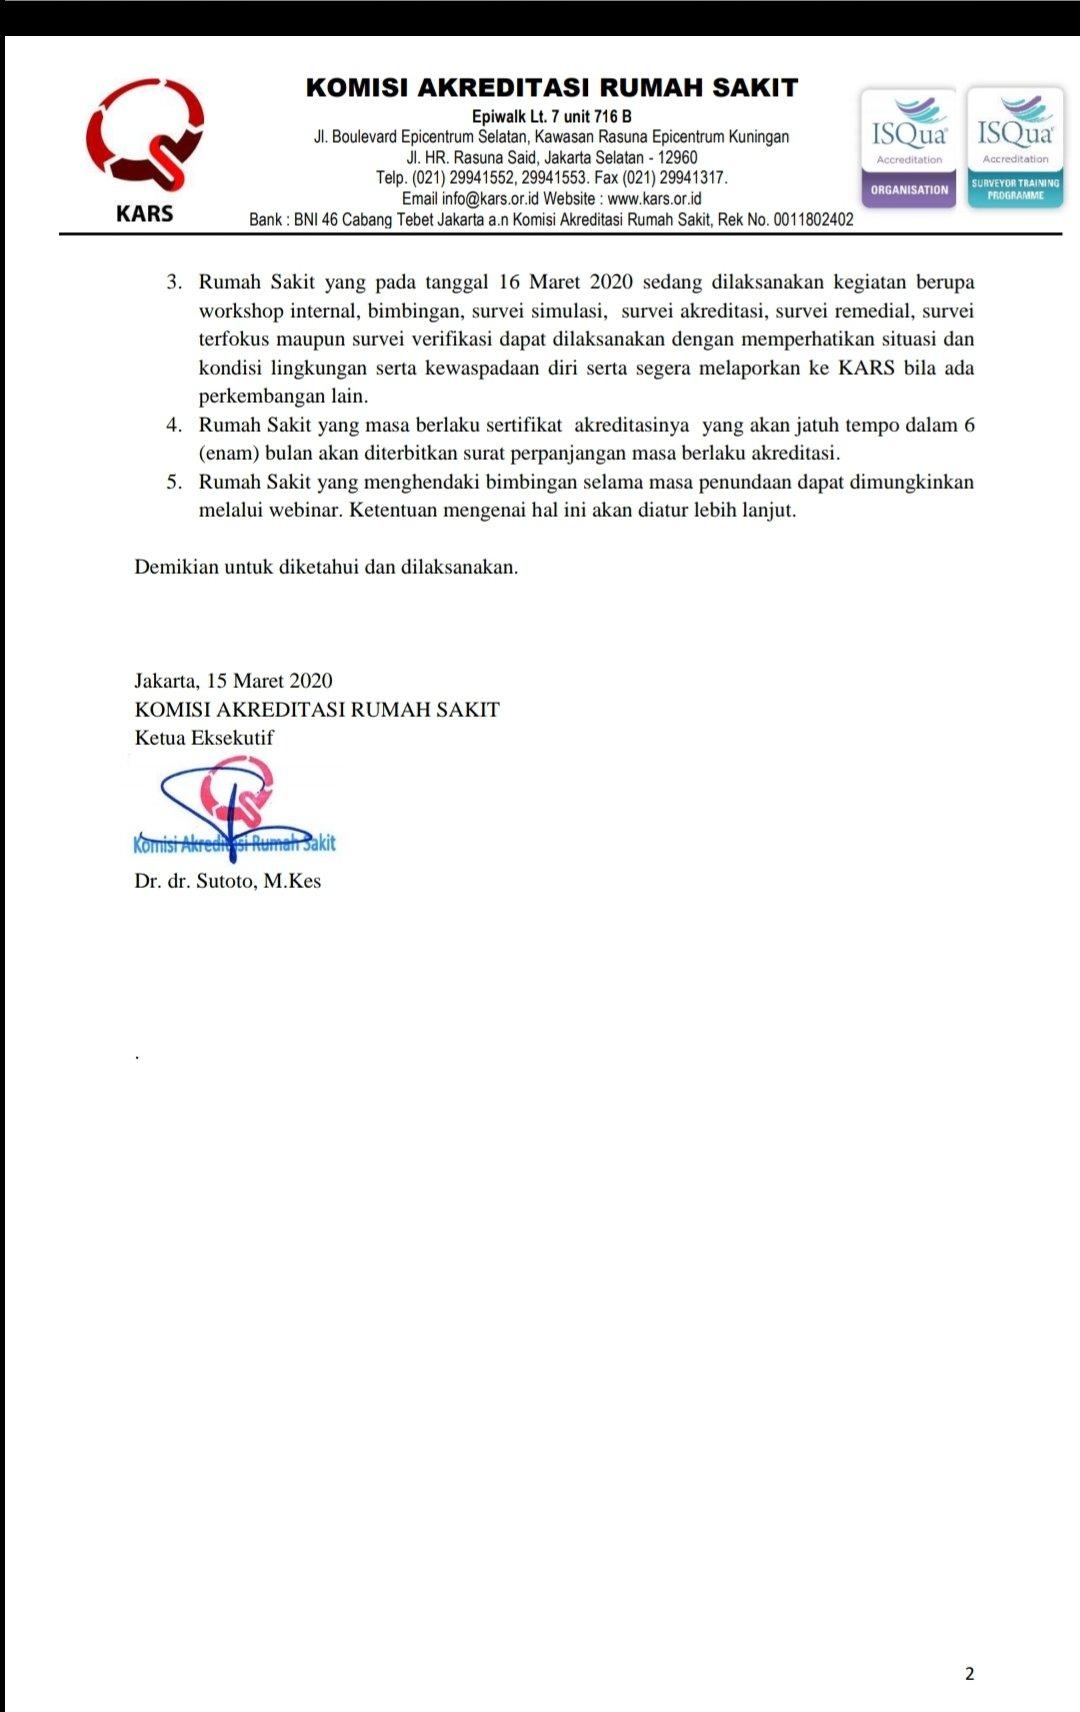 Ig Anjarisme On Twitter Info Khusus Bagi Rumahsakit Akreditasi Rs Ditunda Hari Ini 15 Maret 2020 Komisi Akreditasi Rumah Sakit Kars Mengeluarkan Surat Edaran Nomor 408 Se Kars Iii 2020 Tentang Penundaan Kegiatan Komisi Akreditasi Rumah